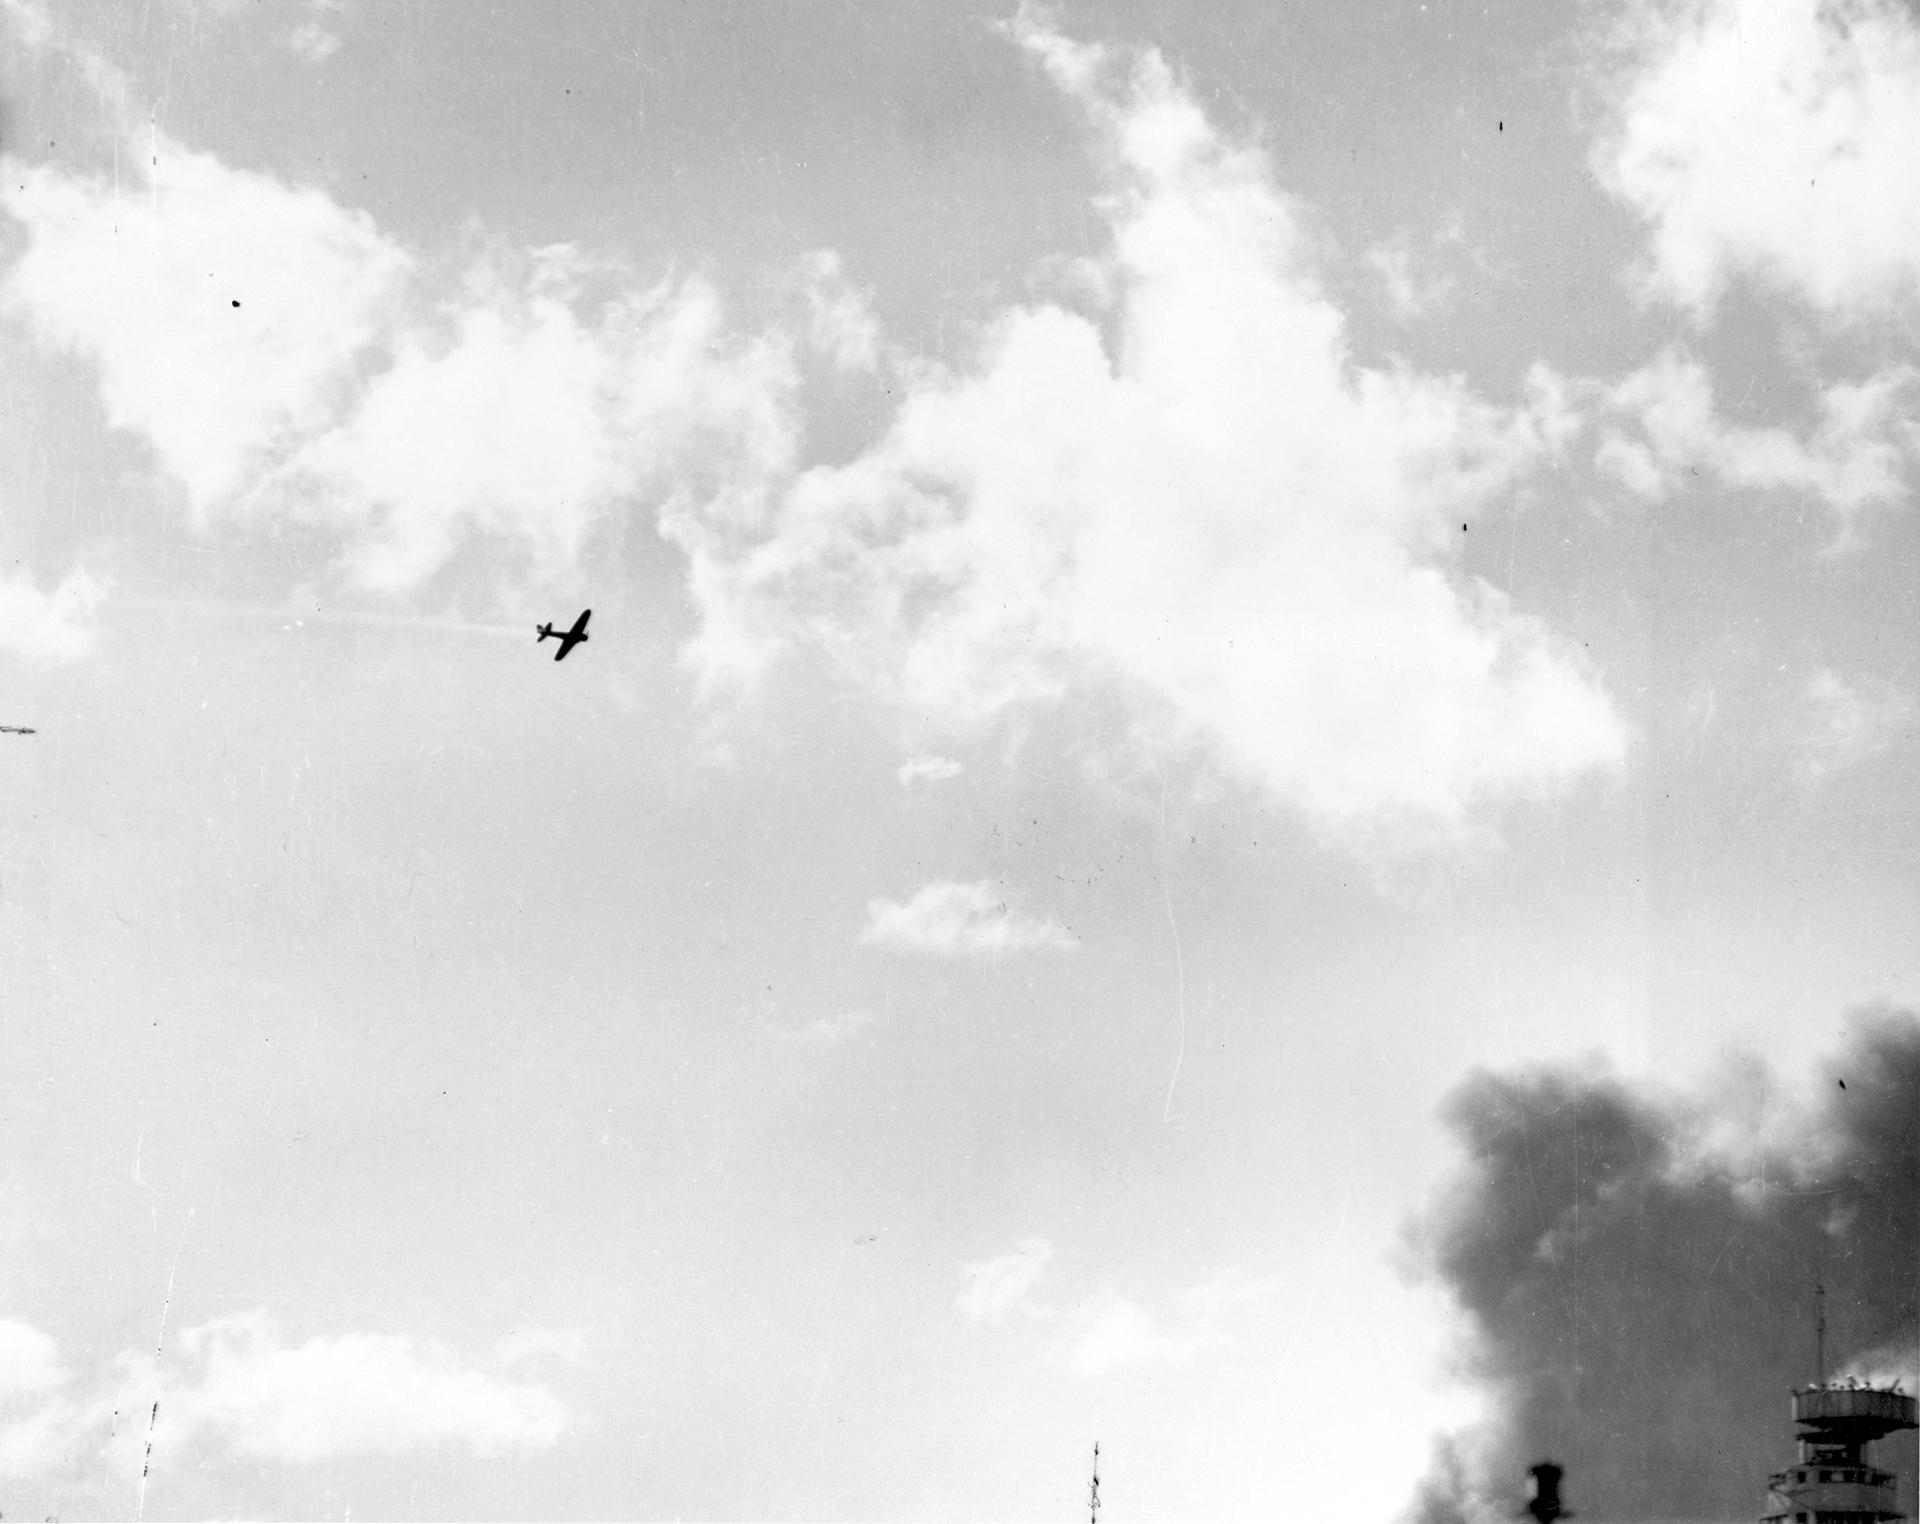 Una nave de combate japonesa tipo 00 despide estelas de humo tras ser alcnazada por fuego antiaéreo